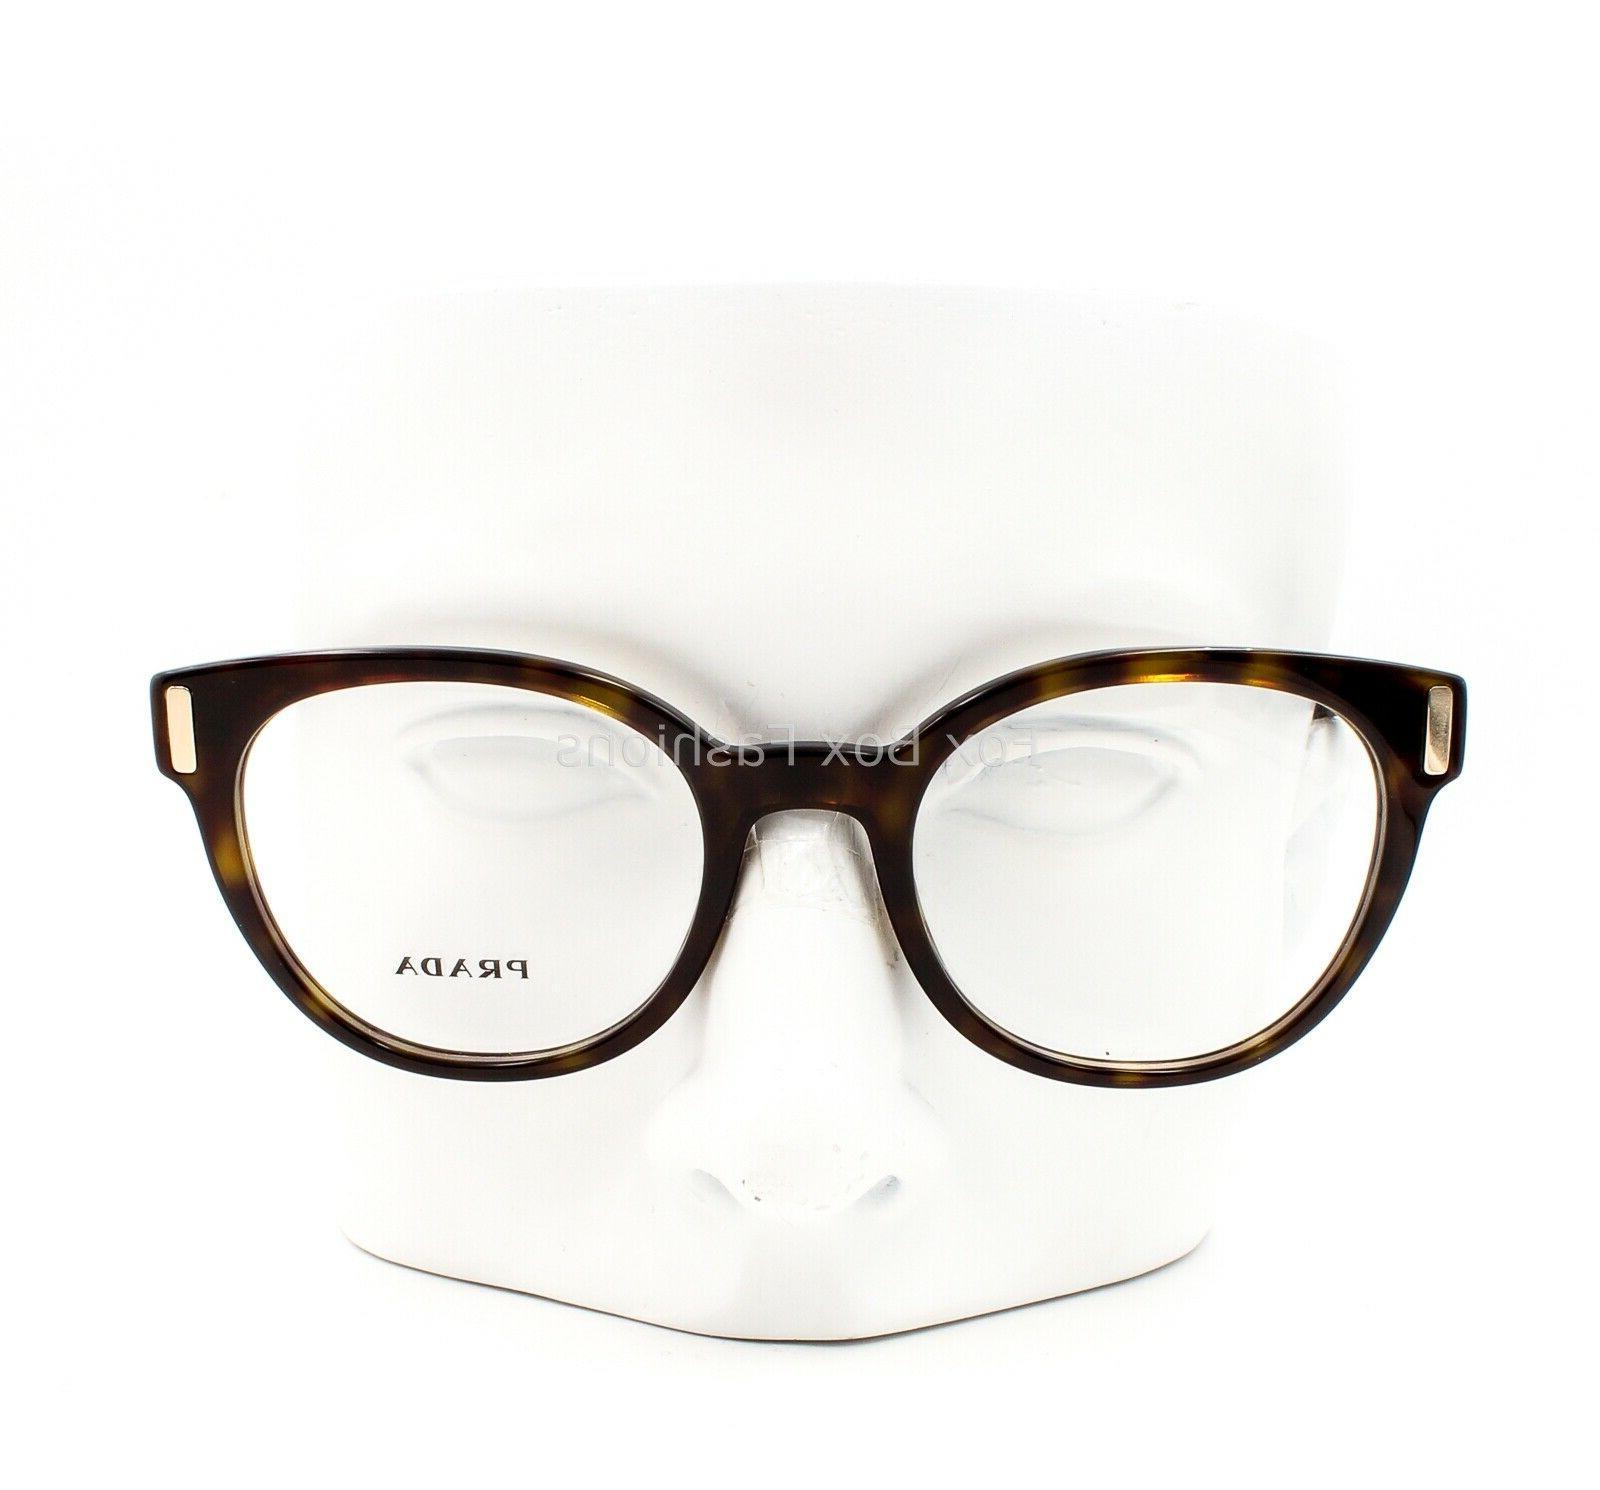 Prada VPR Eyeglasses Frames Glasses Tortoise